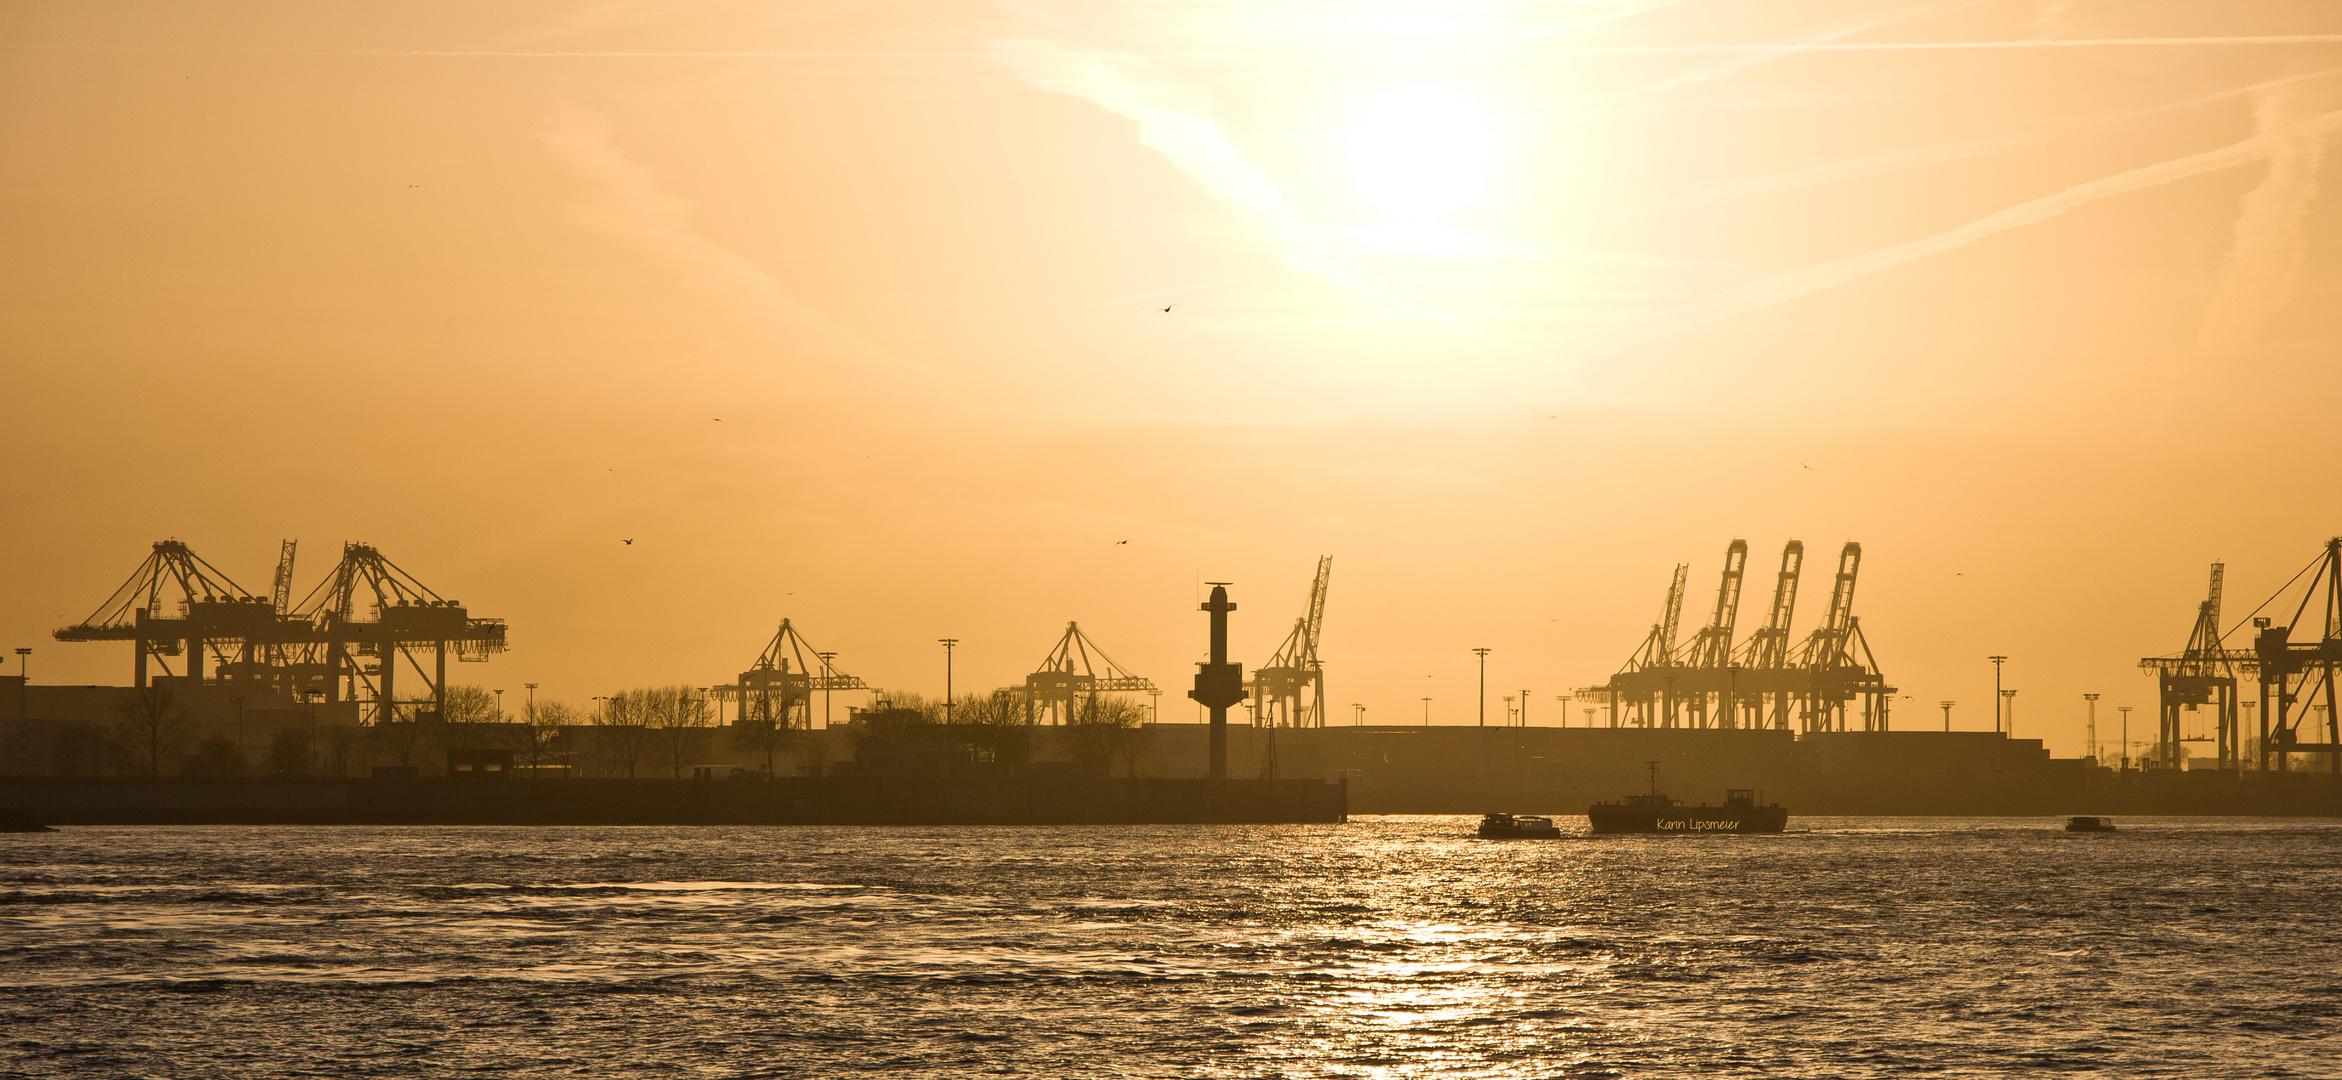 der Hamburger Hafen in der Abendsonne